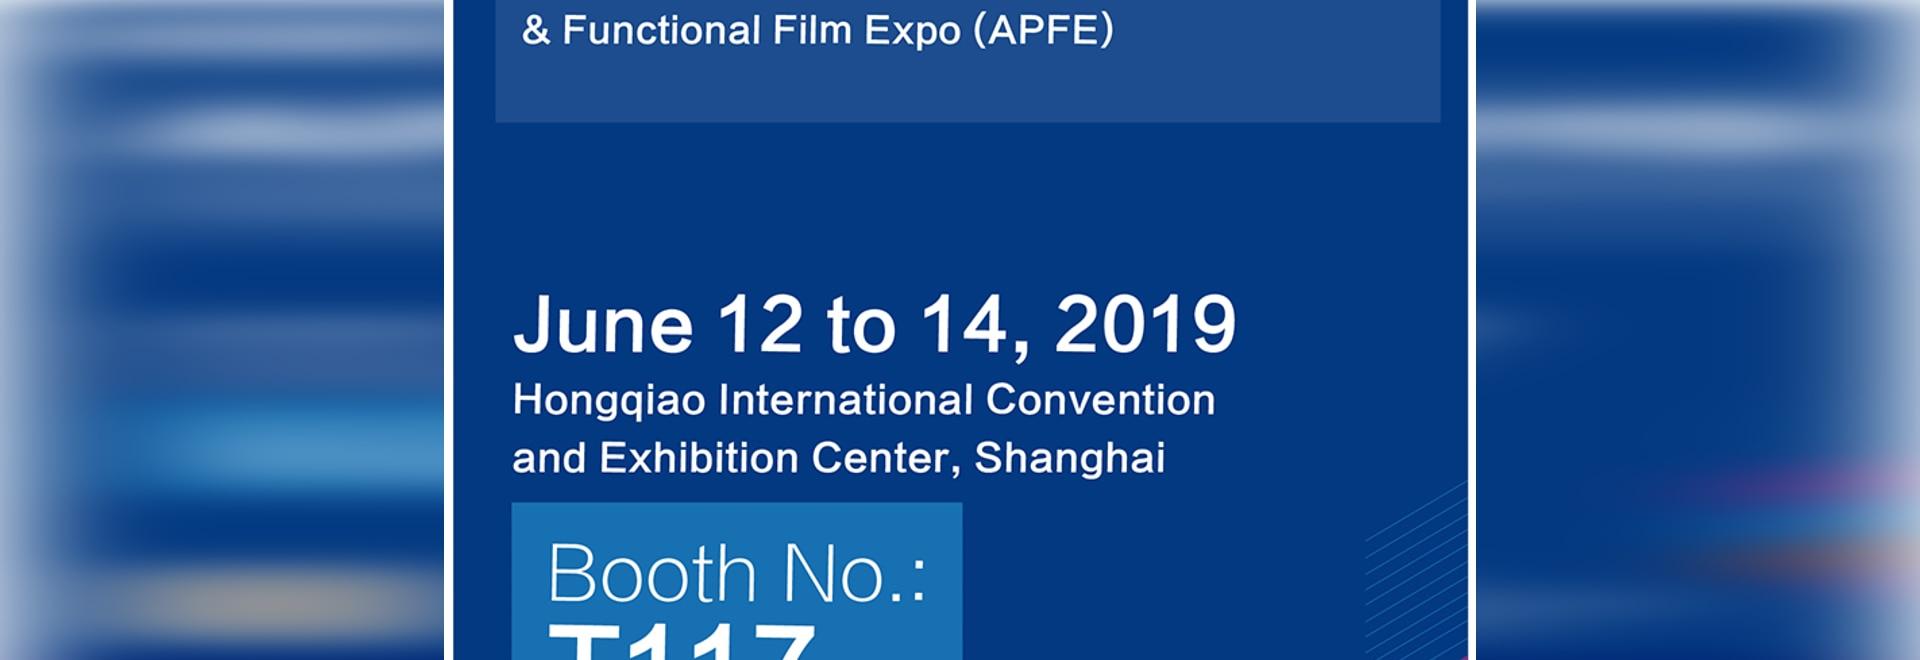 Cinta adhesiva y Film Expo funcional